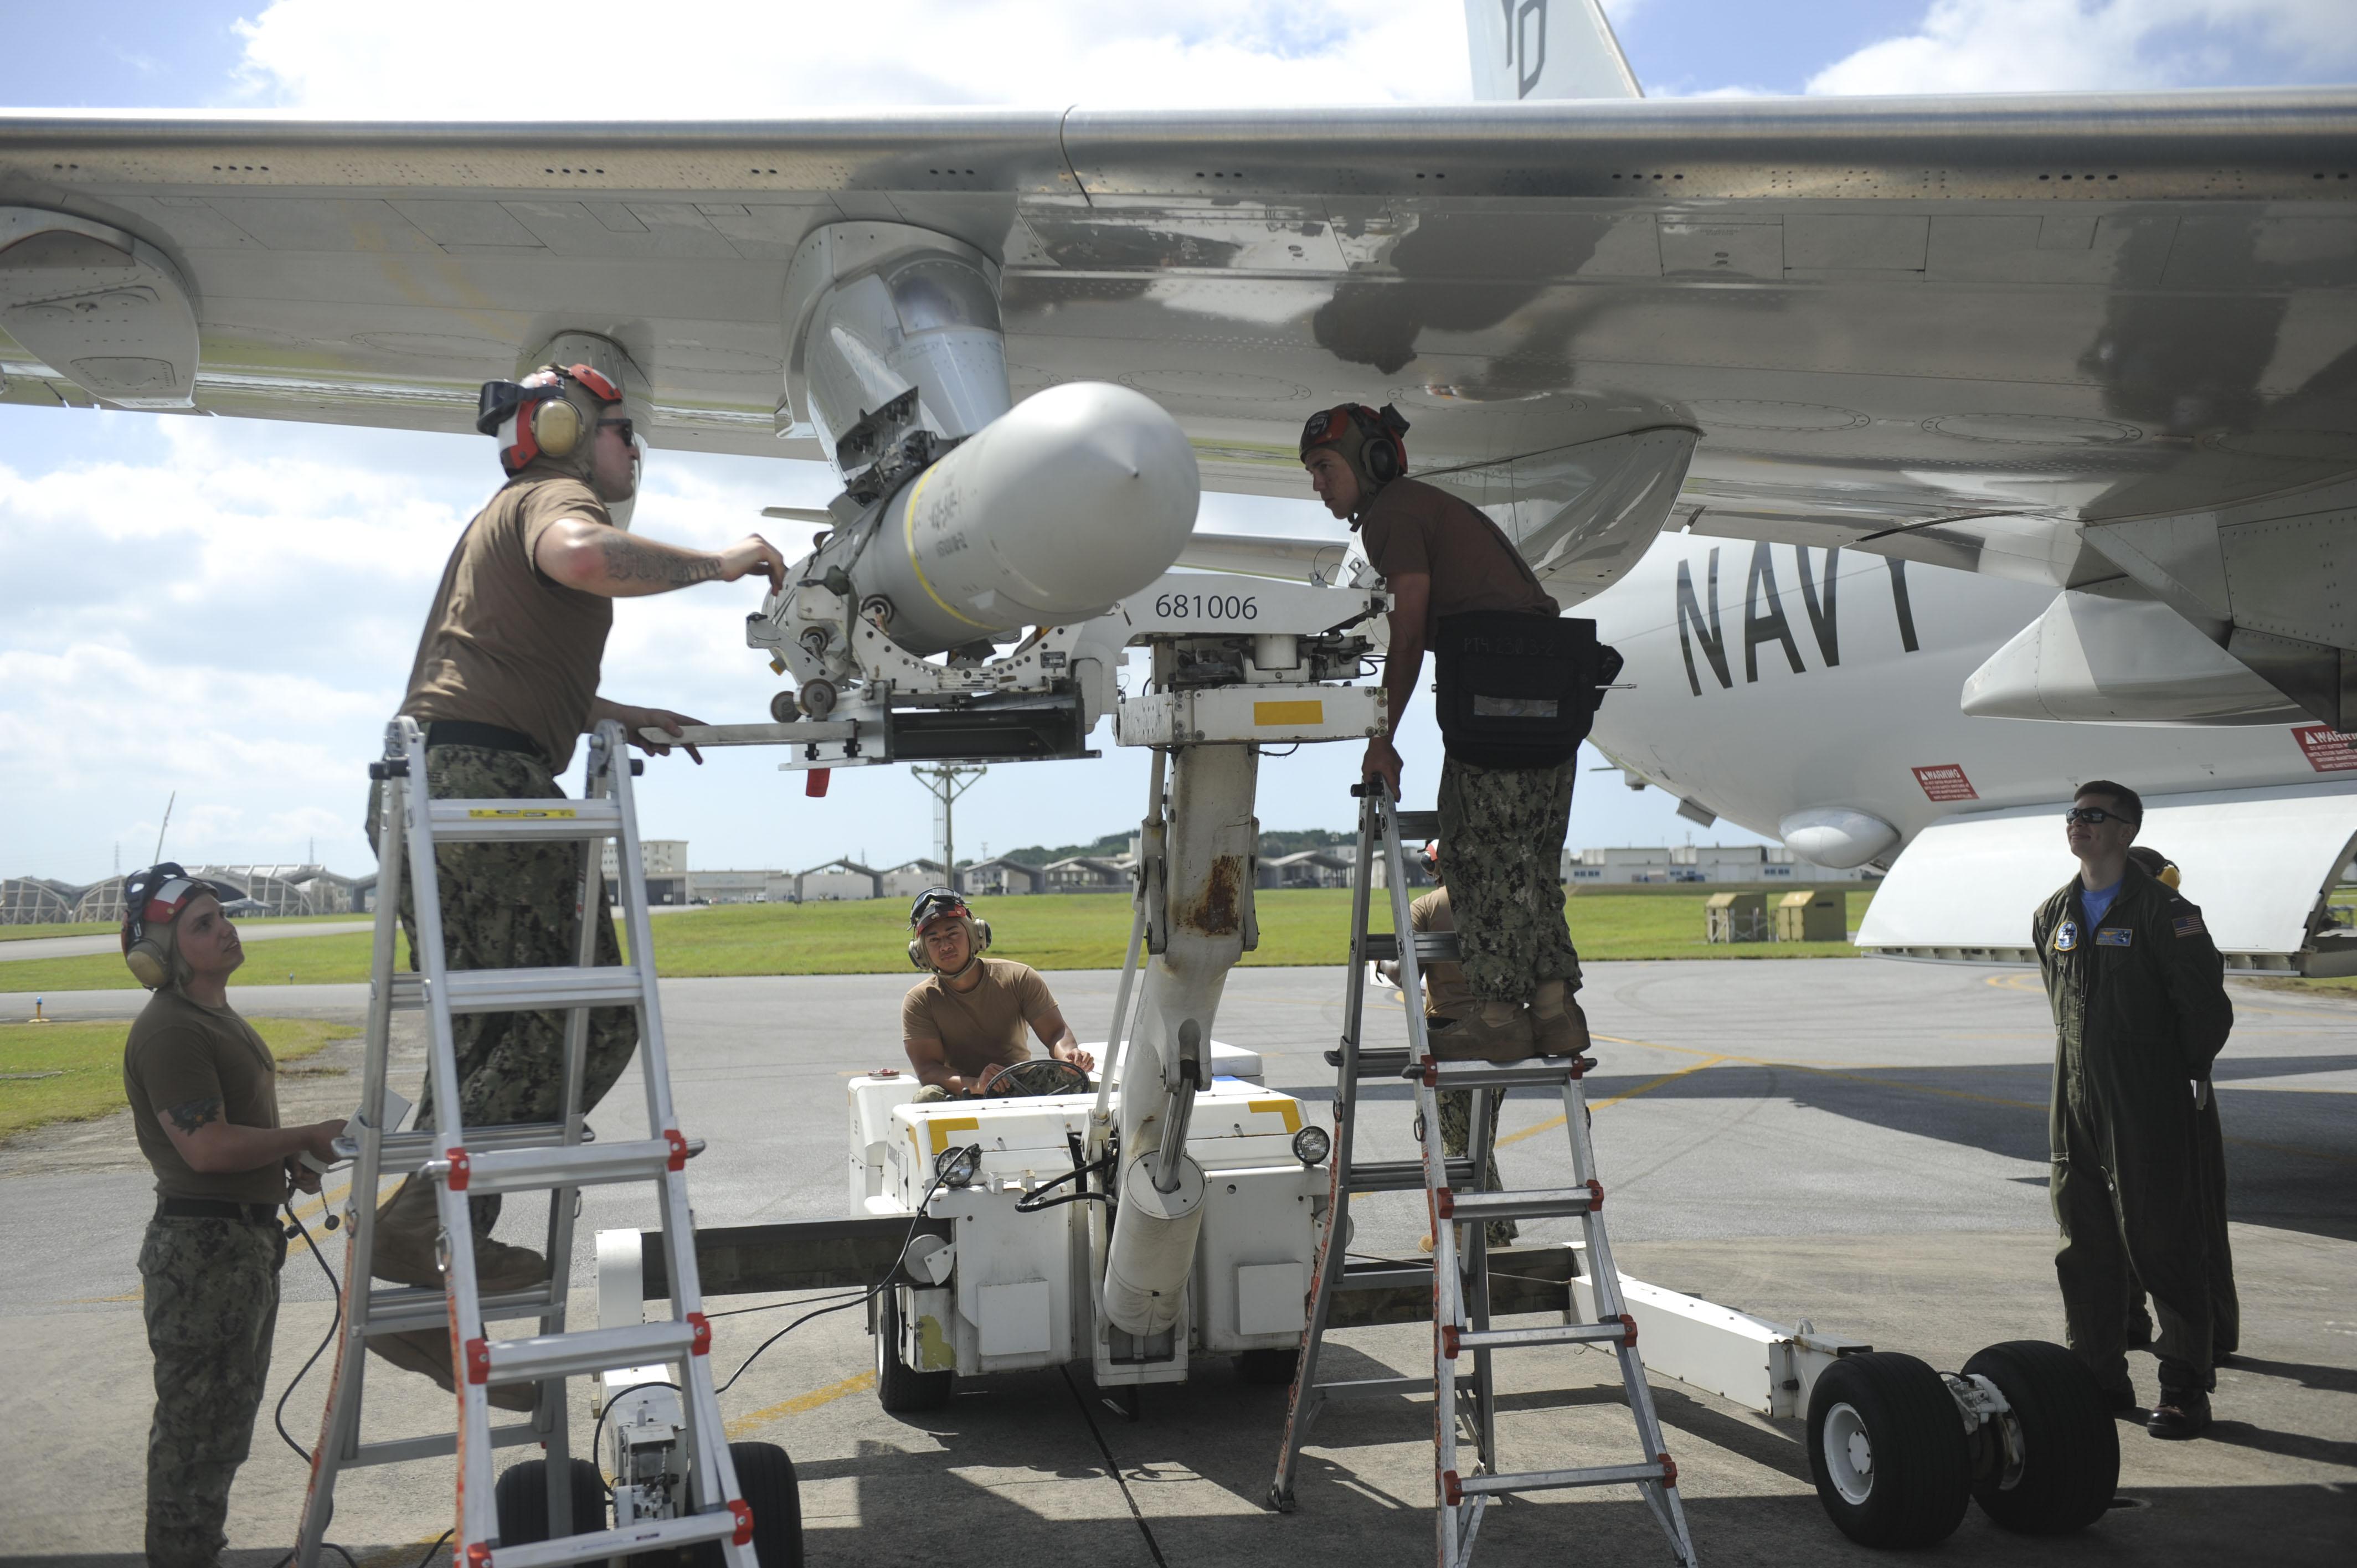 2018年4月26日,在日本沖繩基地,地勤人員正在將AGM-84D魚叉導彈裝載到P-8A波塞冬巡邏機上。(U.S. Navy)